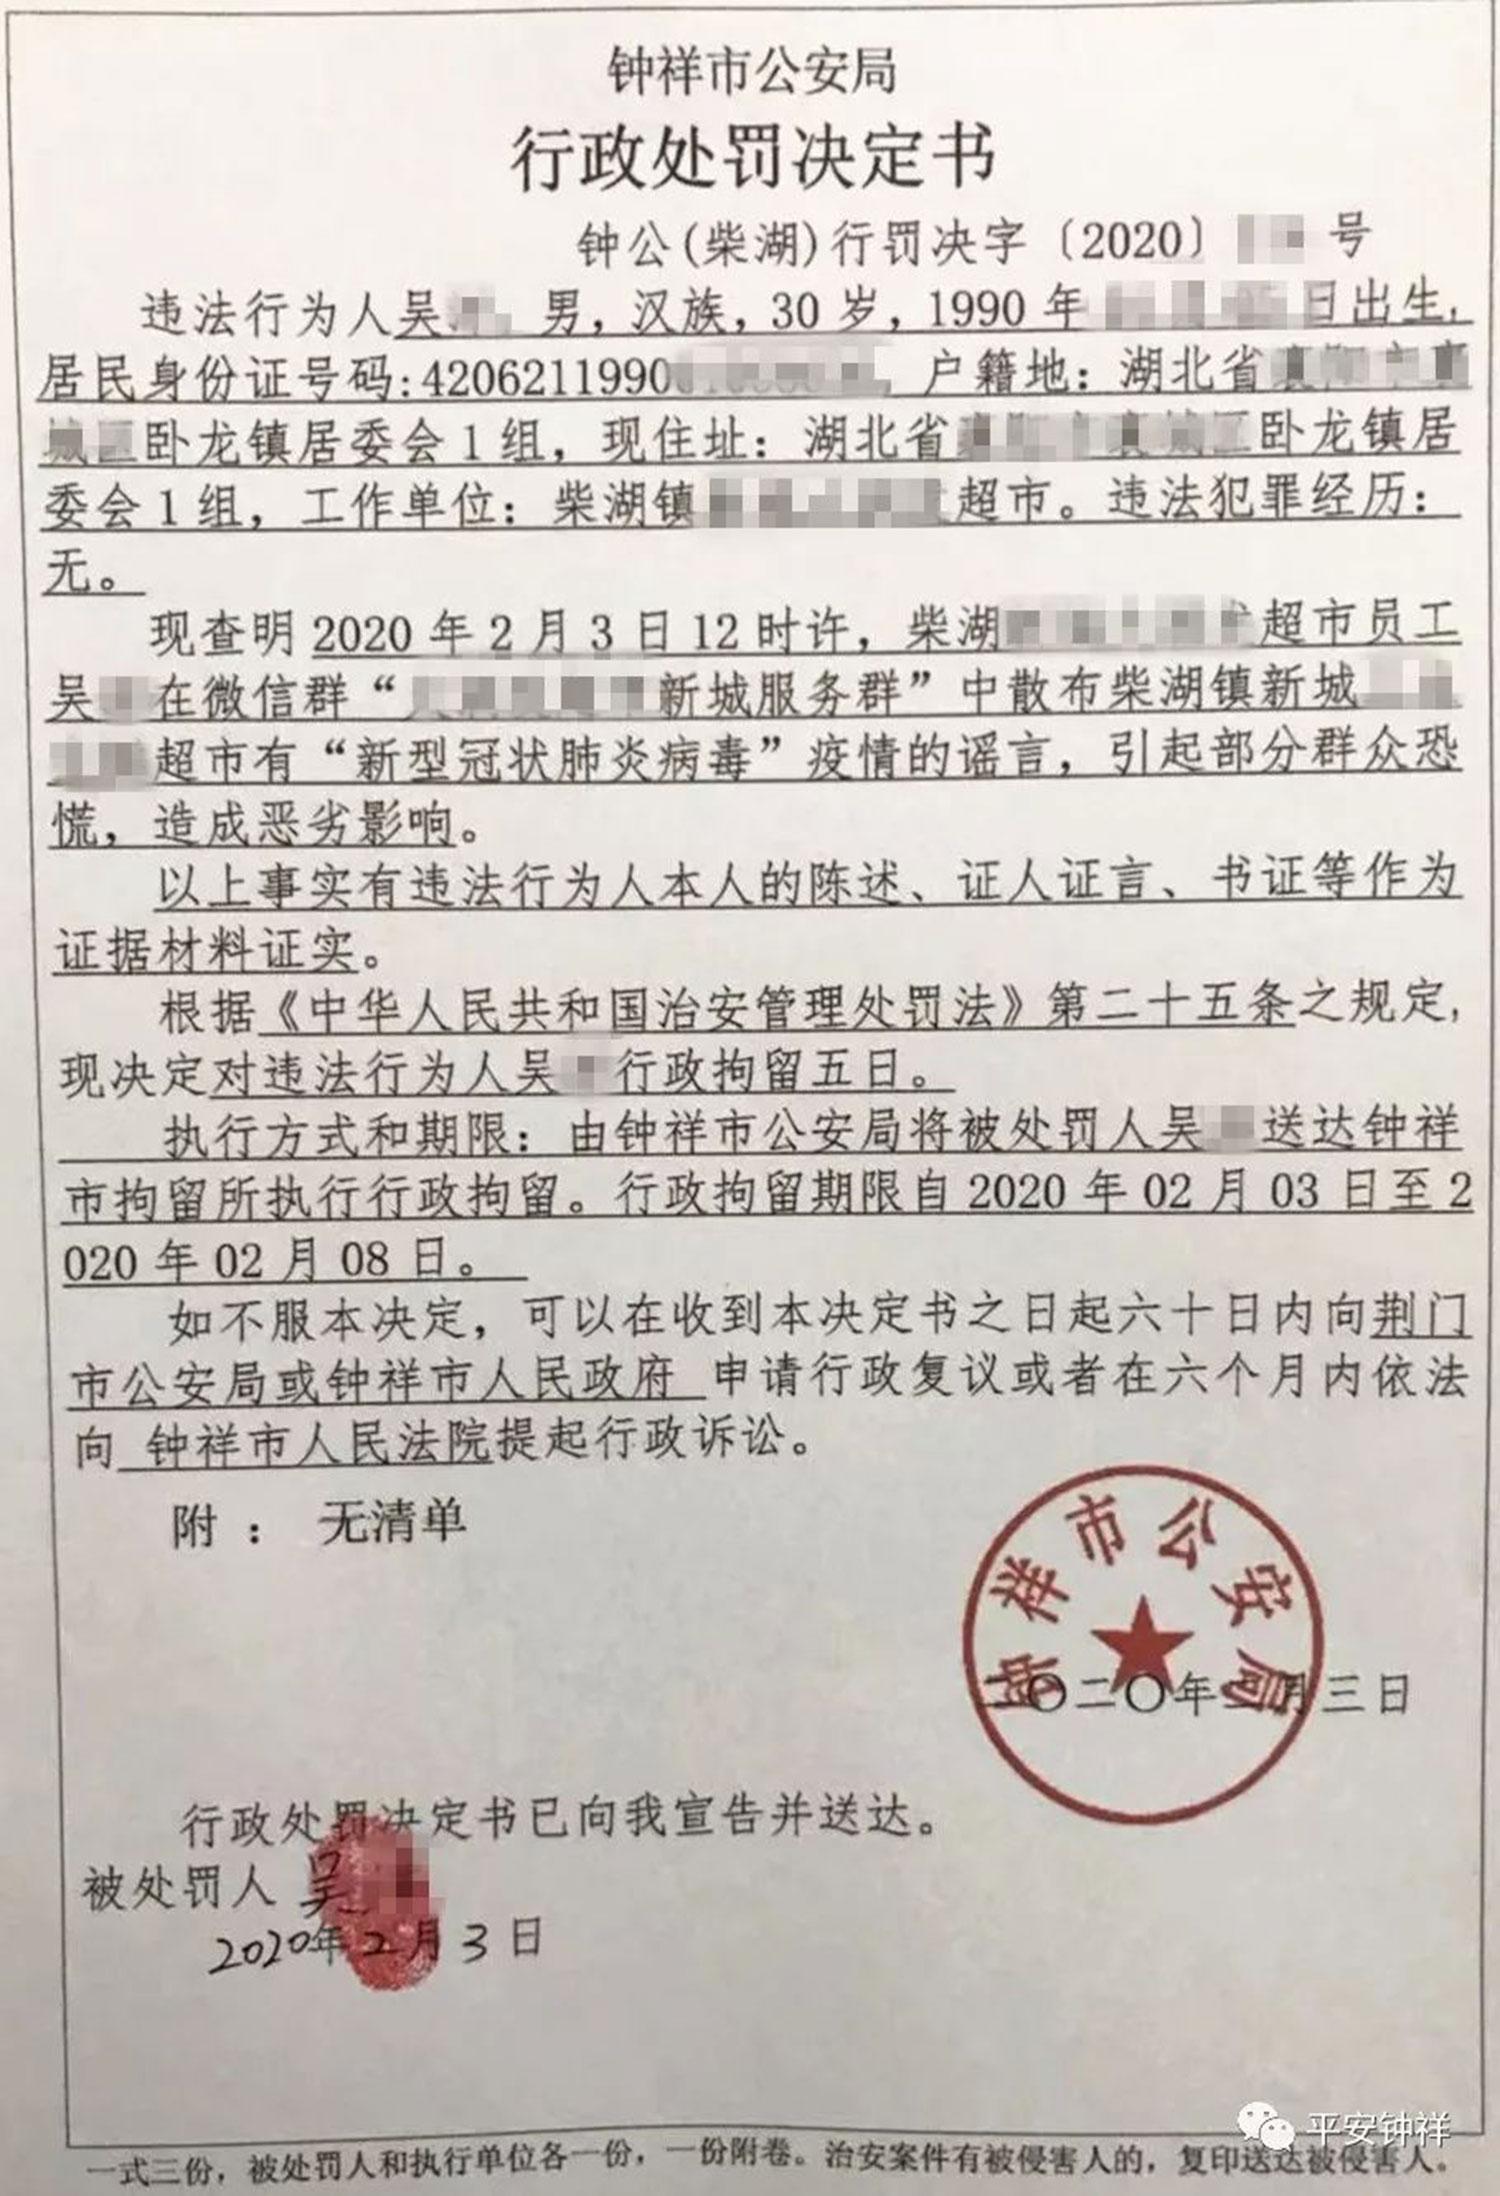 湖北省钟祥一吴姓男子被行政拘留5日。(钟祥公安)